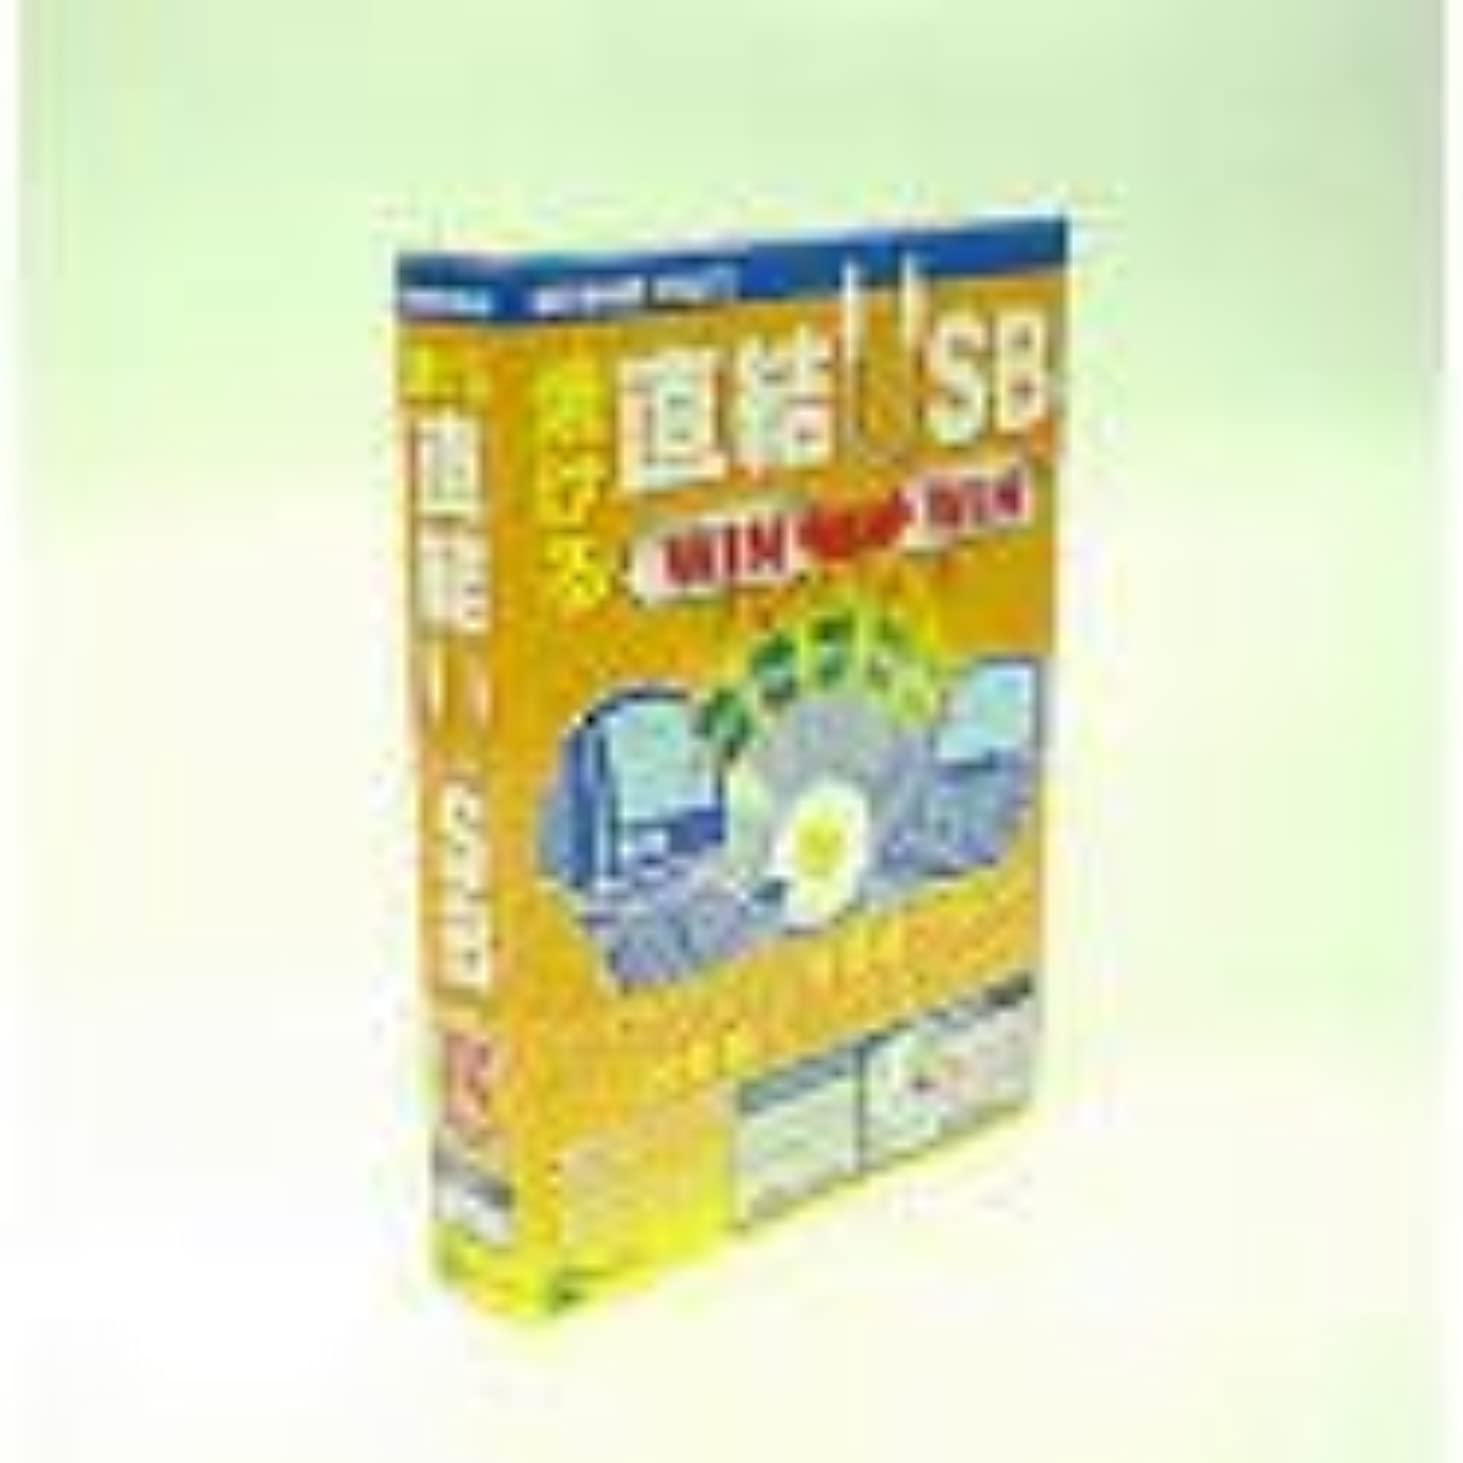 仕様オートイタリック焼ける 直結USB Win←→Win